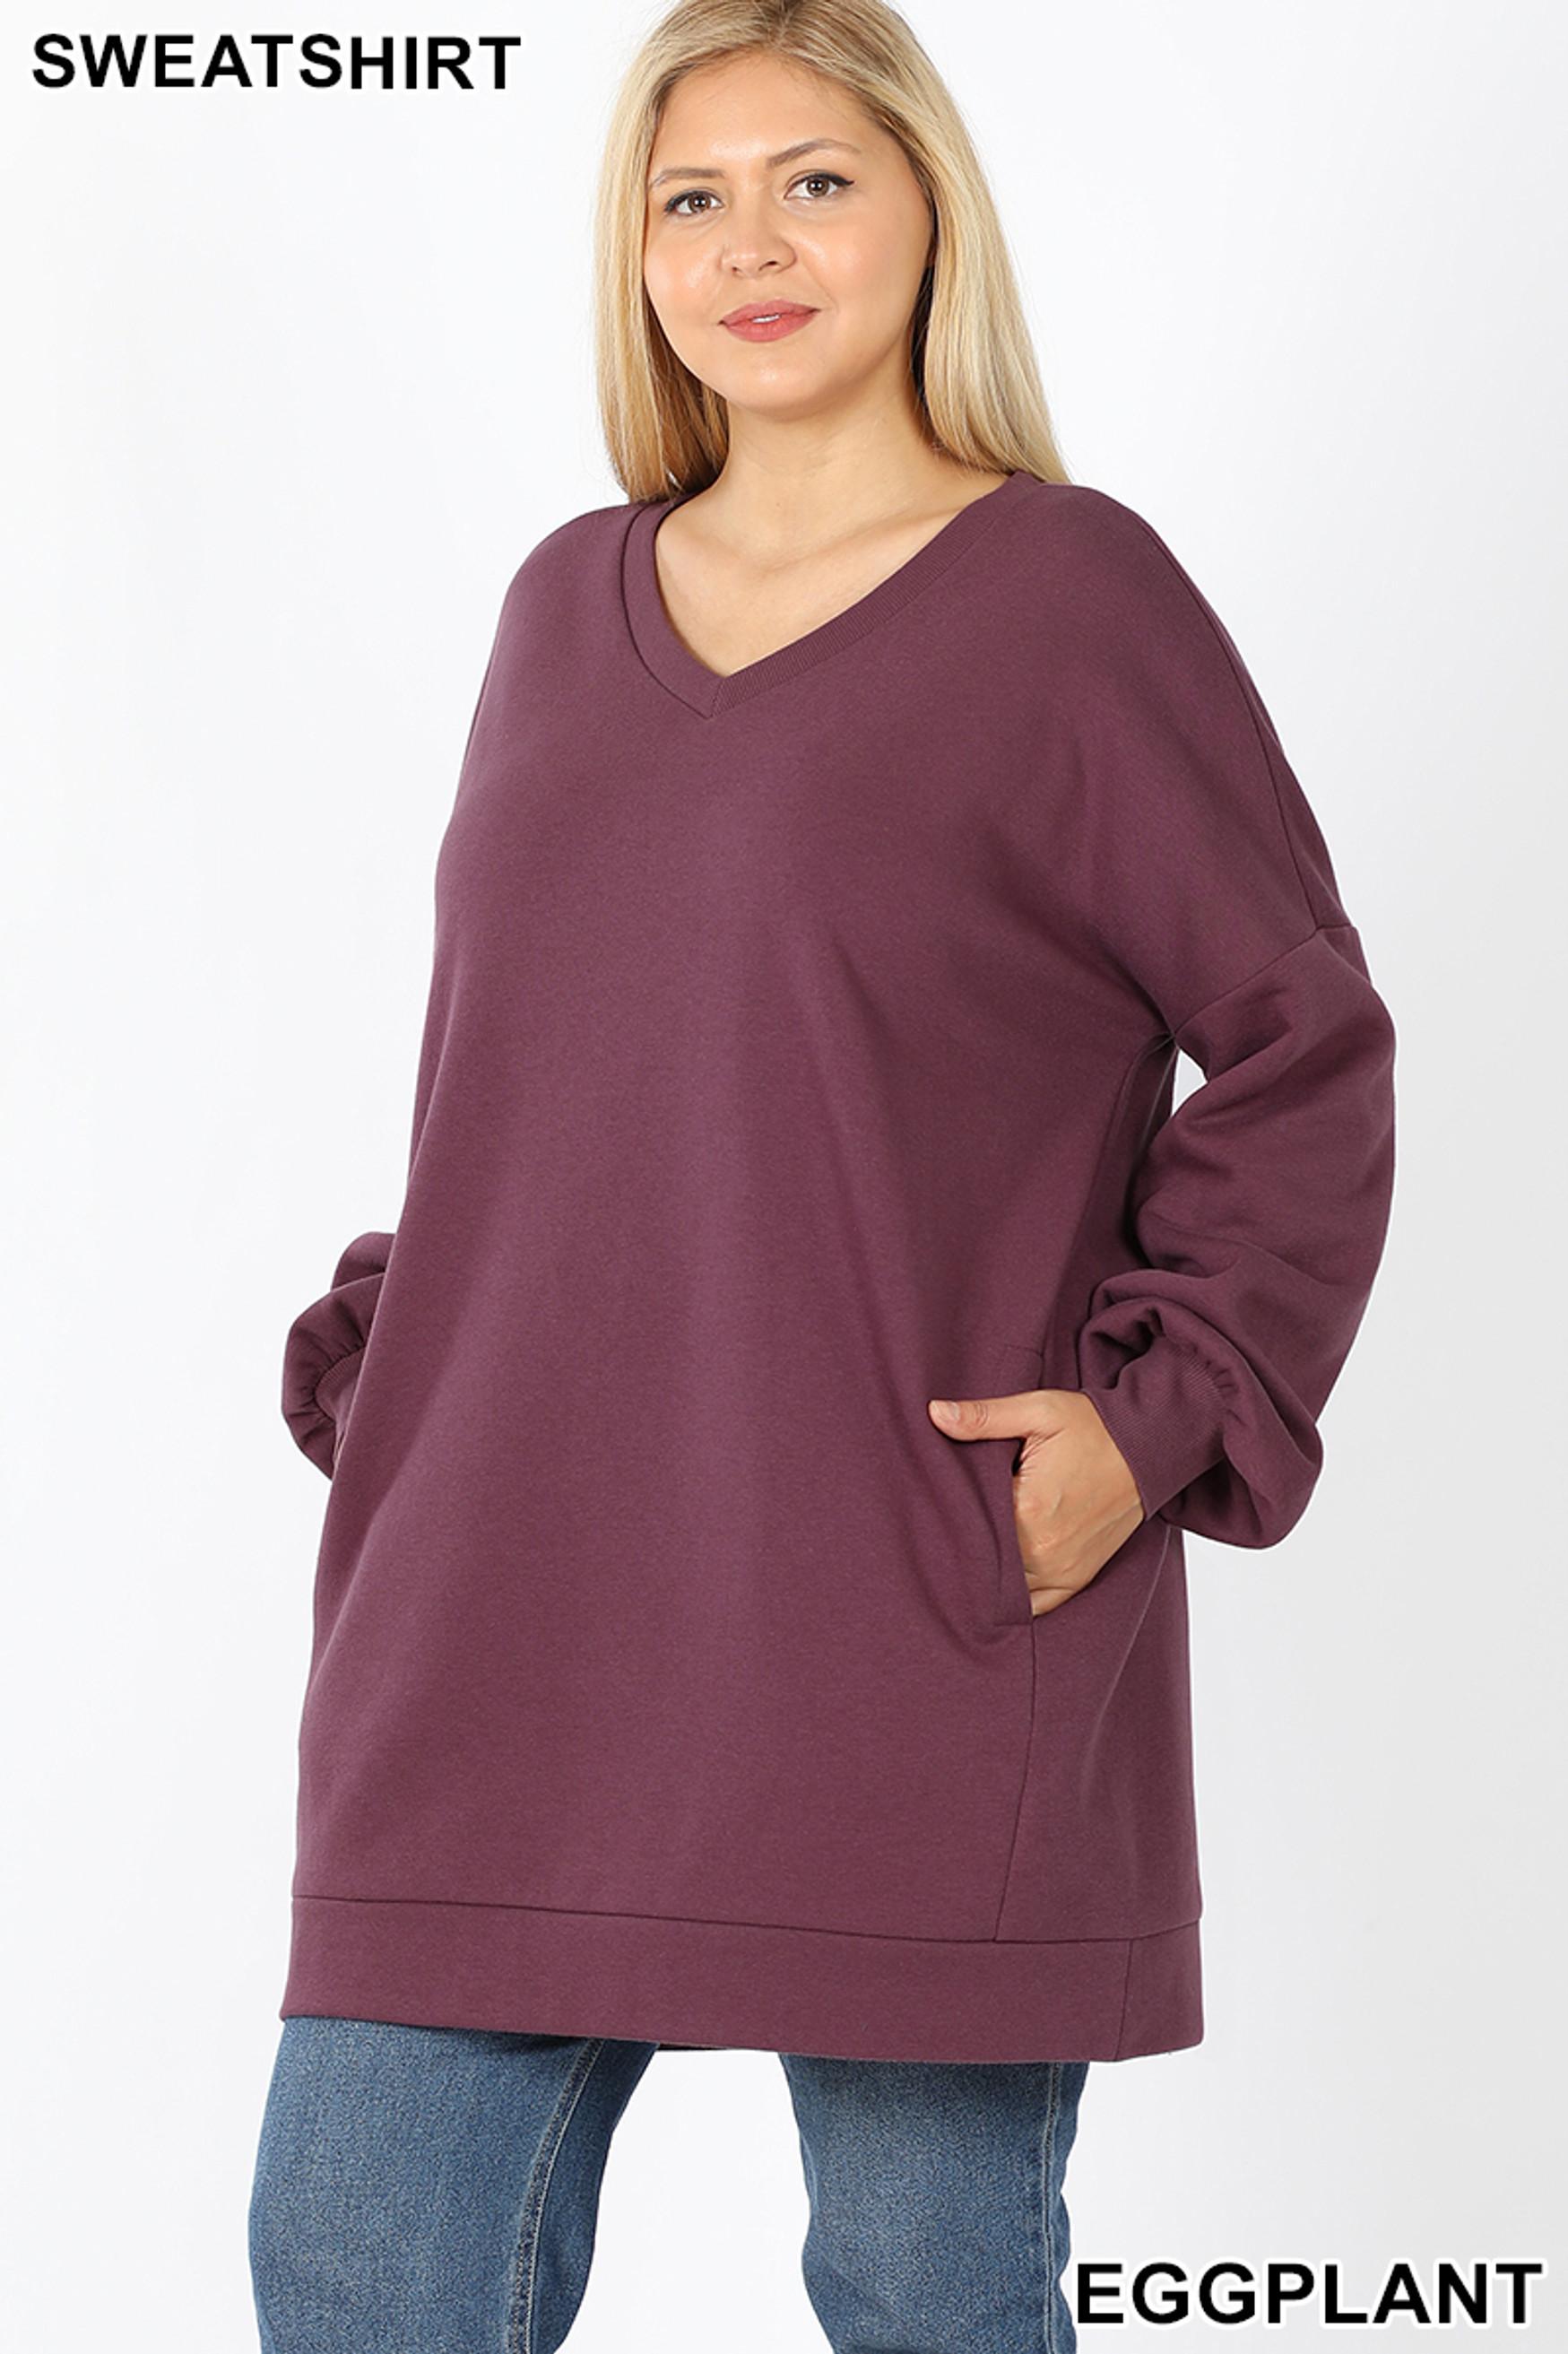 Front image of Eggplant Oversized V-Neck Longline Plus Size Sweatshirt with Pockets